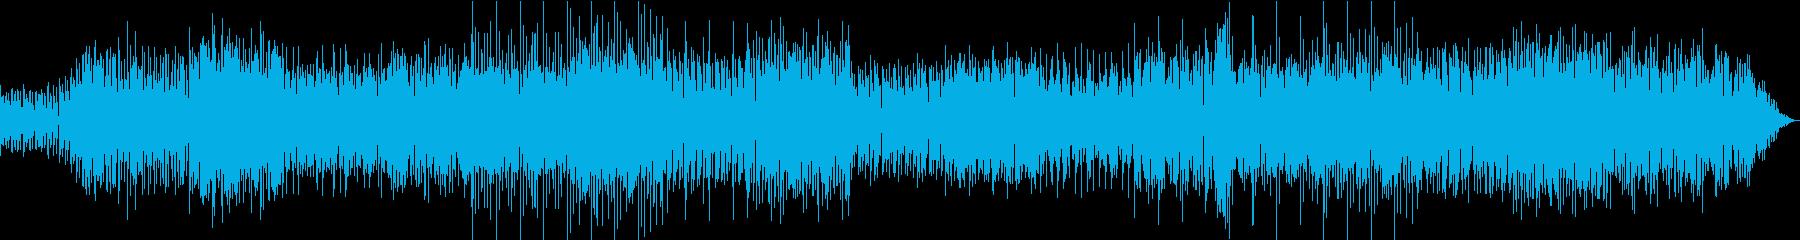 怪しい雰囲気のエレクトロミュージックの再生済みの波形